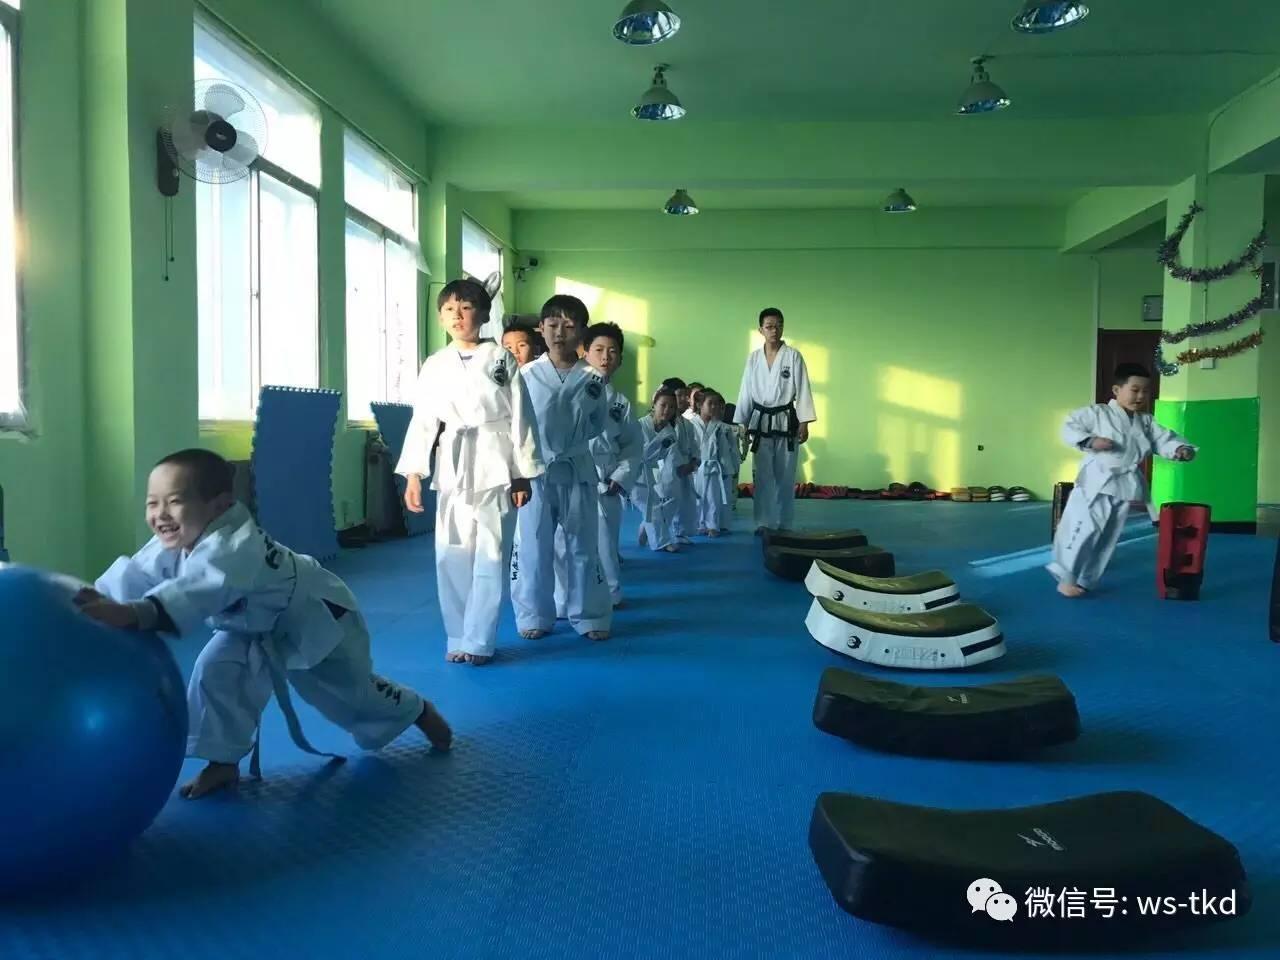 武生俱乐部itf跆拳道,巴西柔术,双截棍,瑜伽火热报名中!图片